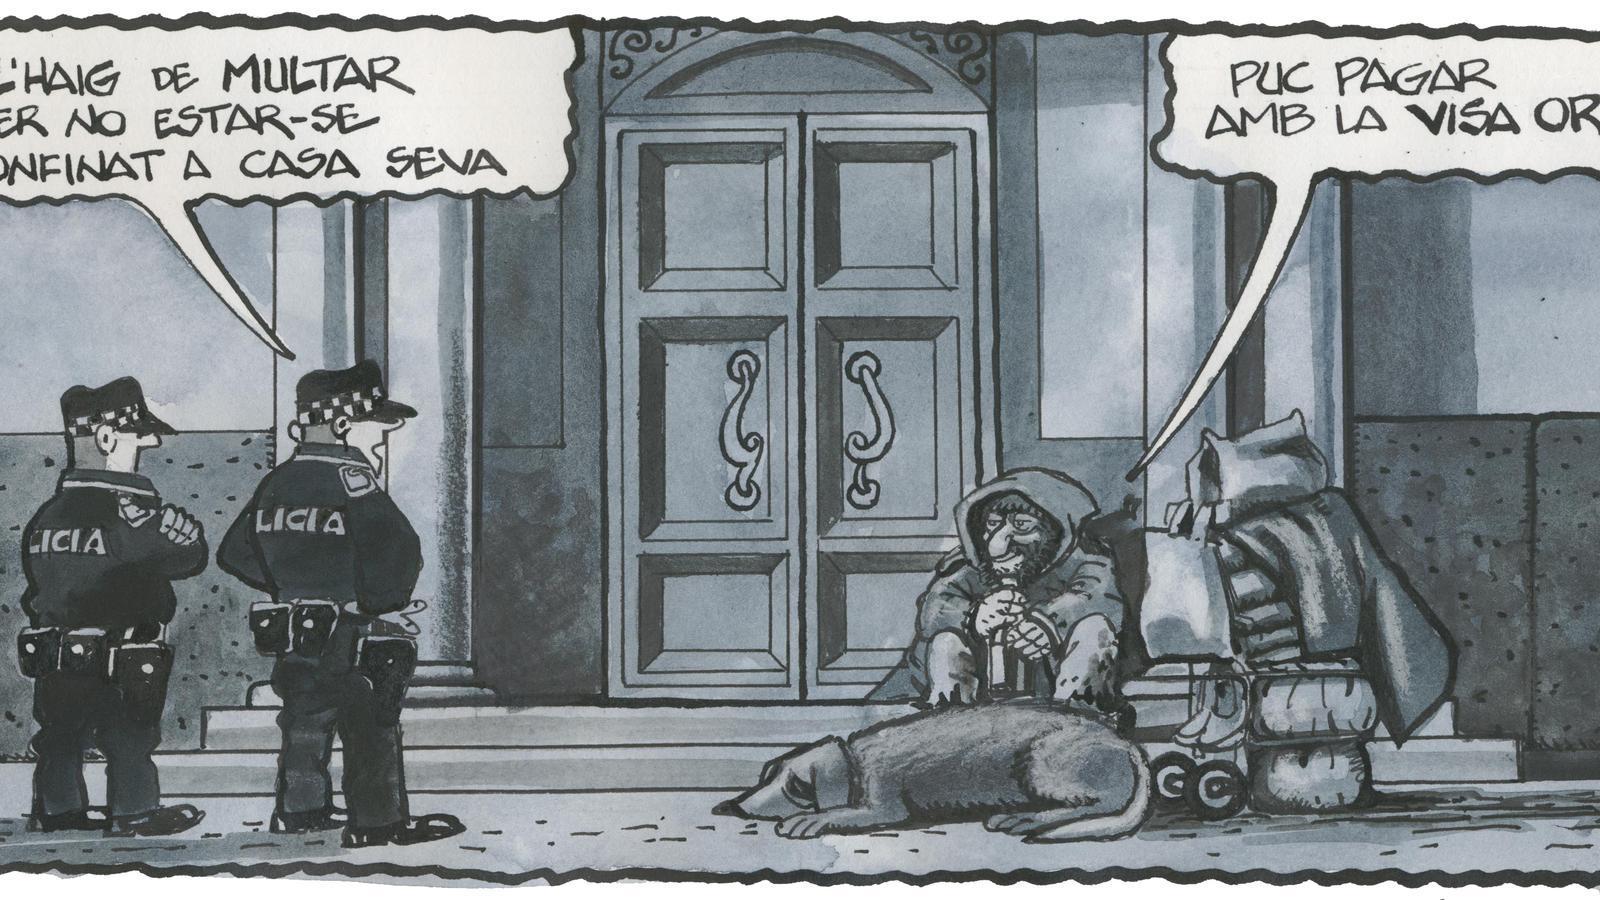 'A la contra', per Ferreres 26/03/2020